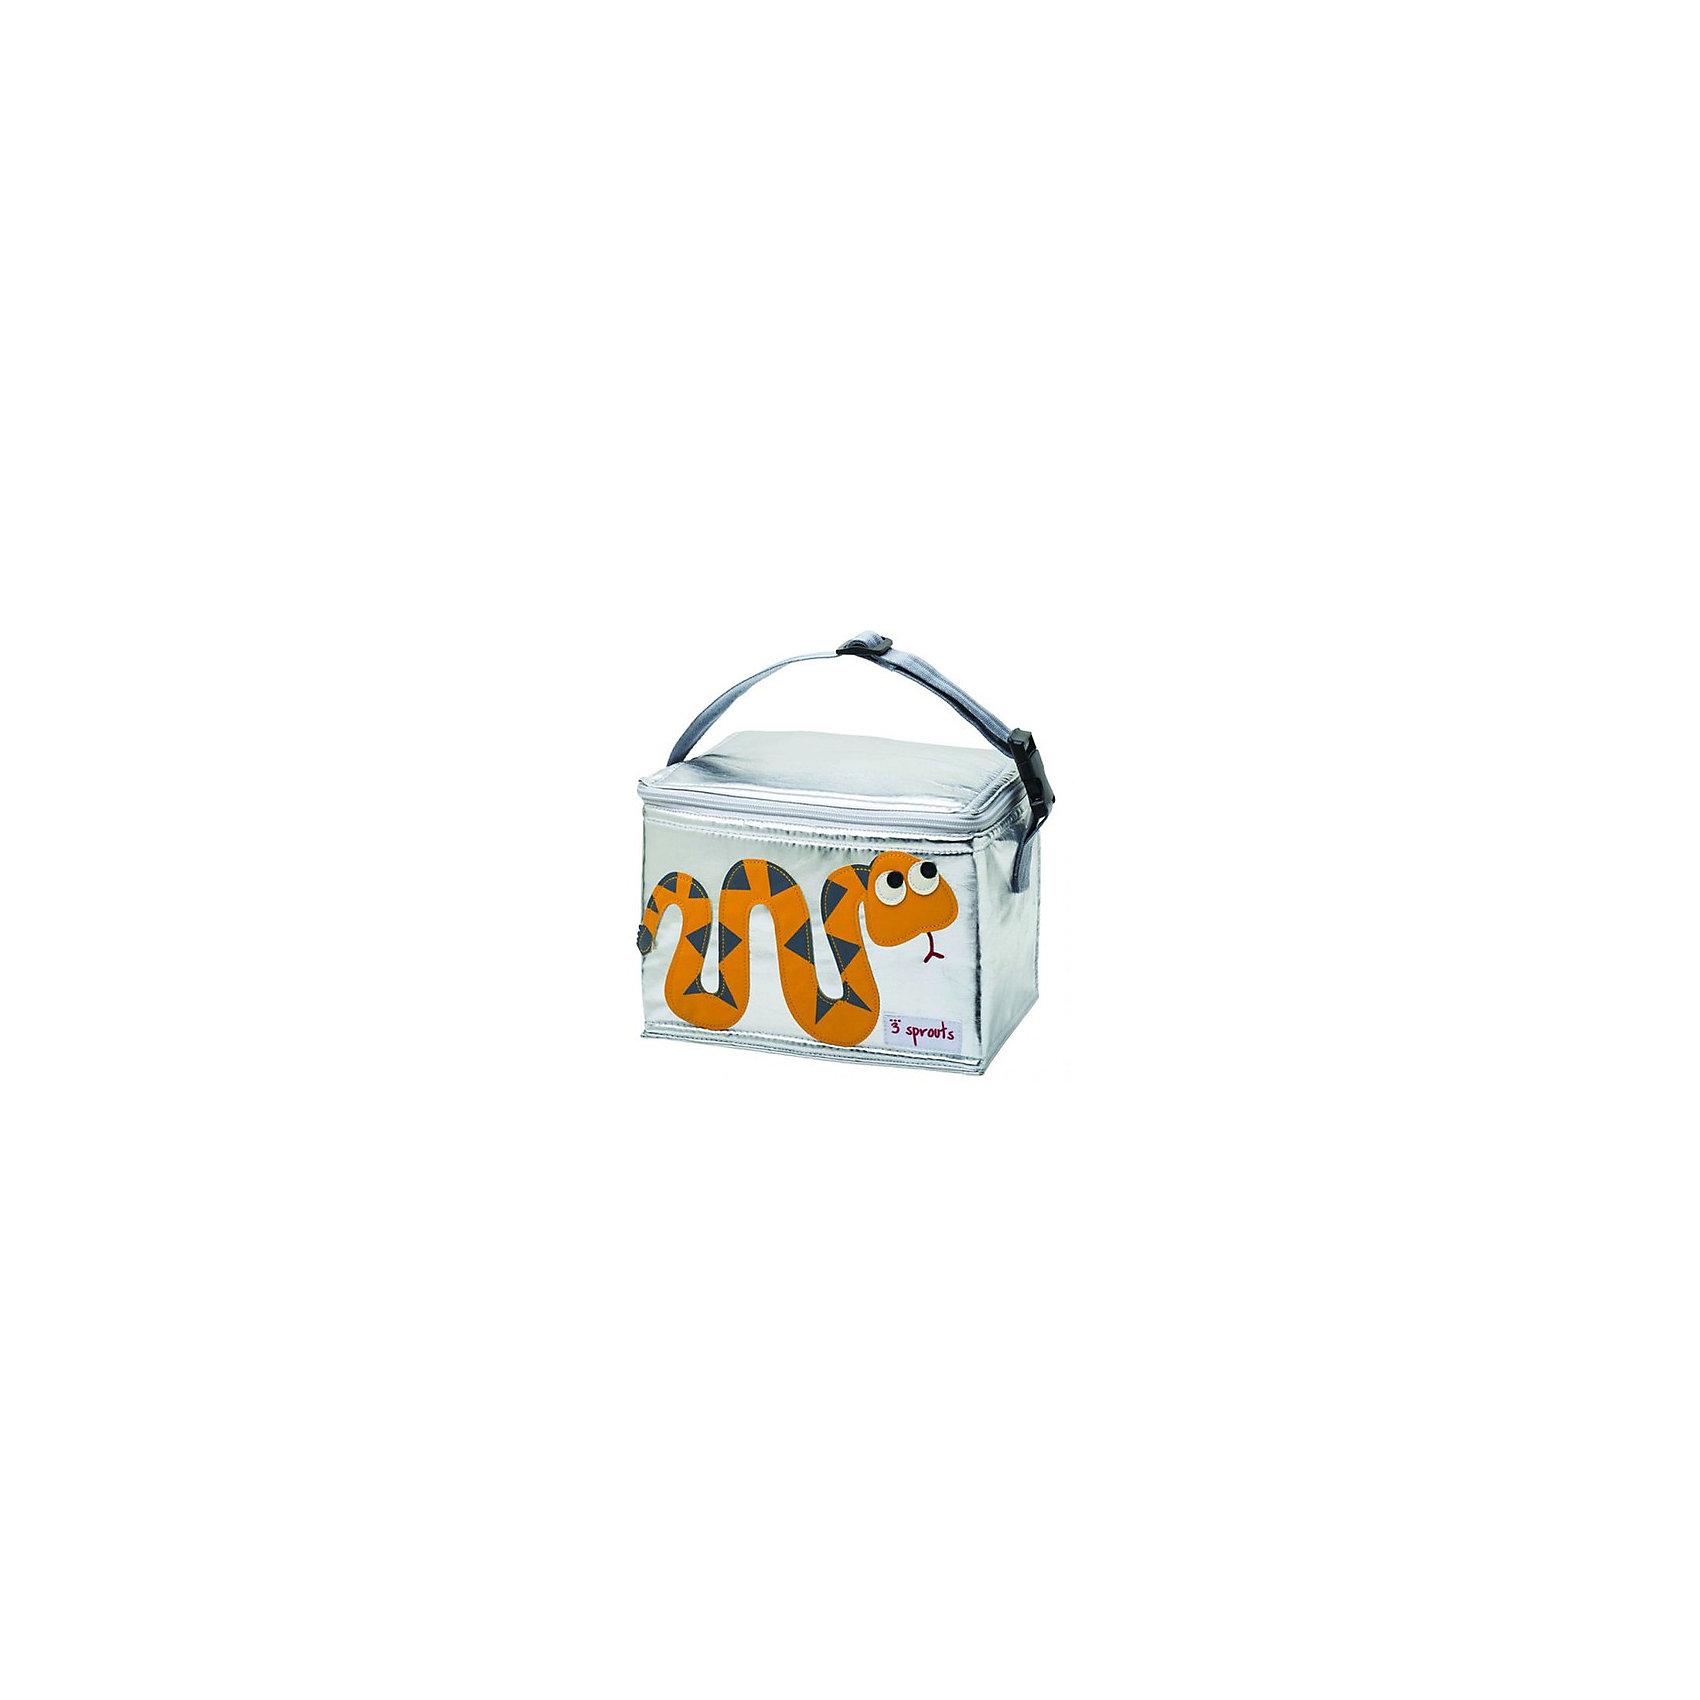 Сумка для обеда Змейка (Orange Snake SPR1005), 3 Sprouts, оранжевыйТермосумки и термосы<br>Прекрасная сумка для обеда! Размер идеален для контейнеров, так что вы можете отправить детей в школу вместе с сытными закусками и обедами.<br><br>Дополнительная информация:<br><br>- Размер: 17х17х22 см.<br>- Материал: полиуретан, полиэтиленовая пена, PEVA.<br>- Орнамент: Змейка.<br>- Цвет: оранжевый.<br><br>Купить сумку для обеда Змейка (Orange Snake), можно в нашем магазине.<br><br>Ширина мм: 170<br>Глубина мм: 40<br>Высота мм: 250<br>Вес г: 200<br>Возраст от месяцев: 6<br>Возраст до месяцев: 84<br>Пол: Унисекс<br>Возраст: Детский<br>SKU: 5098261